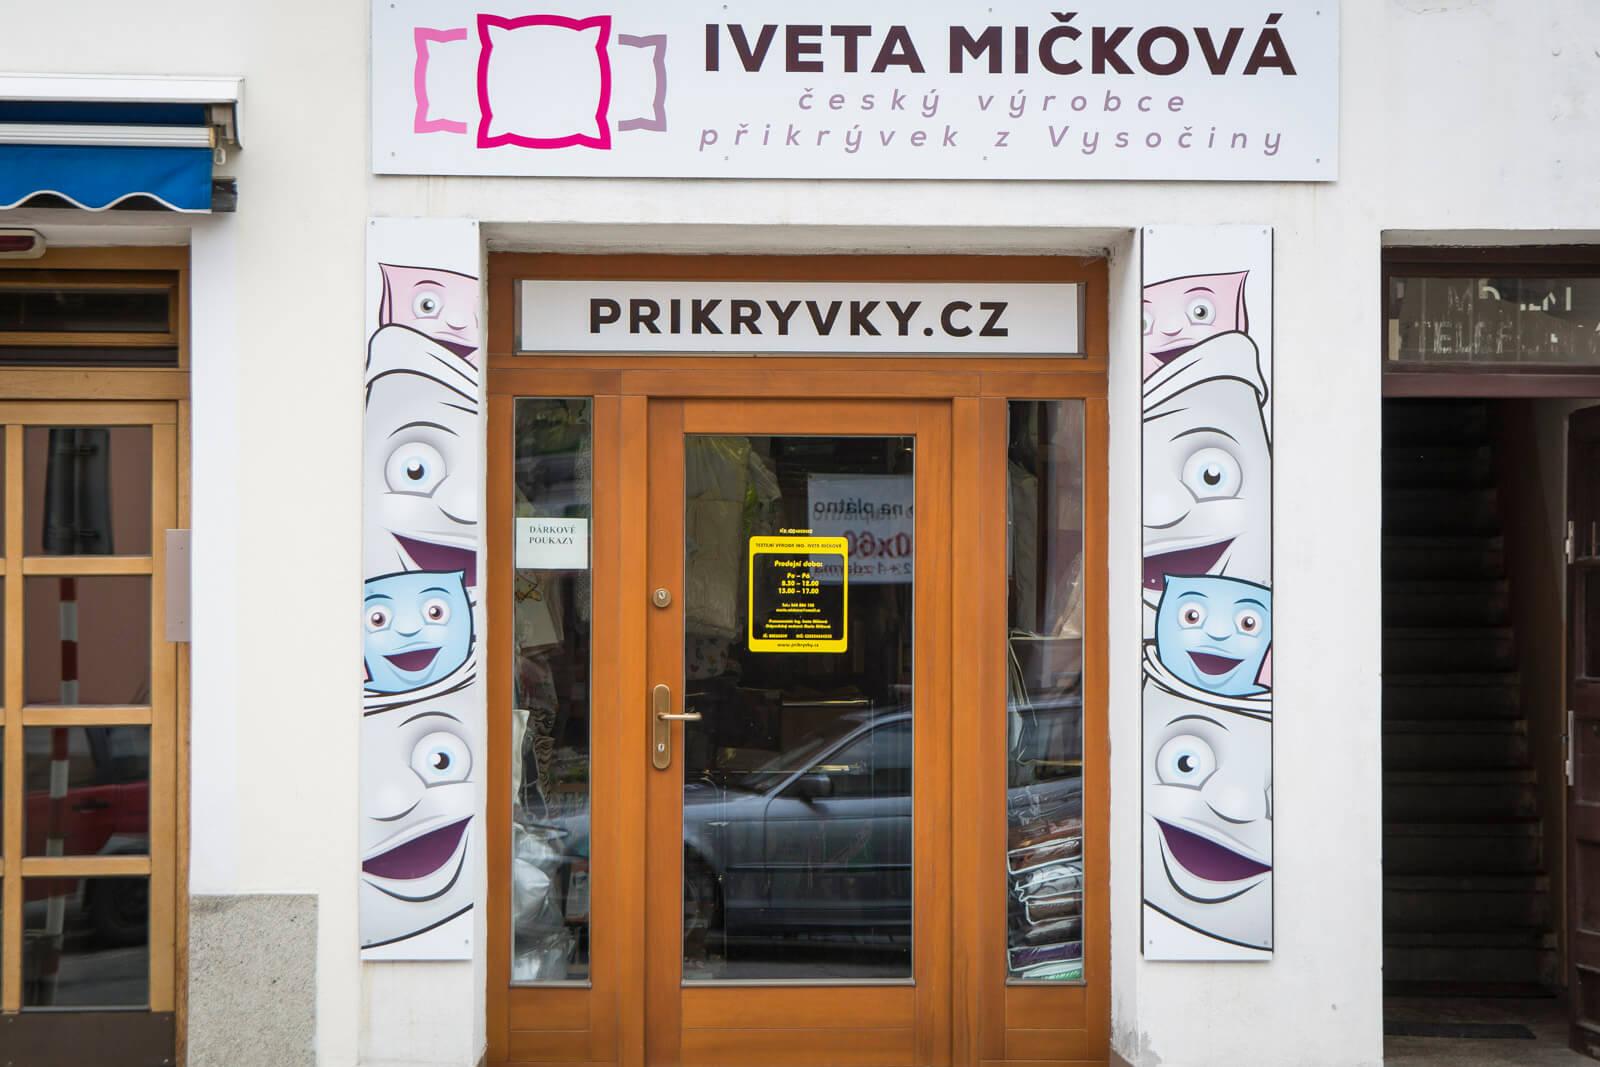 Prodejna Přikrývky.cz